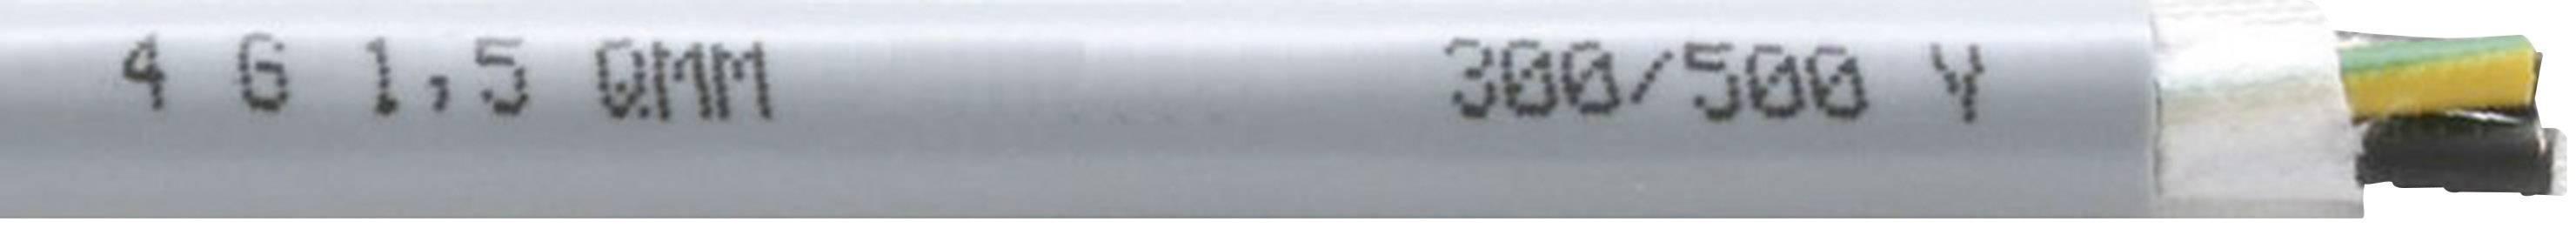 Tažný kabel Faber Kabel EFK 310 Y 310 UL/CSA-SCHLEPPLTG.PVC/PVC (035450), 2x 1,5 mm², PVC, Ø 7,6 mm, nestíněný